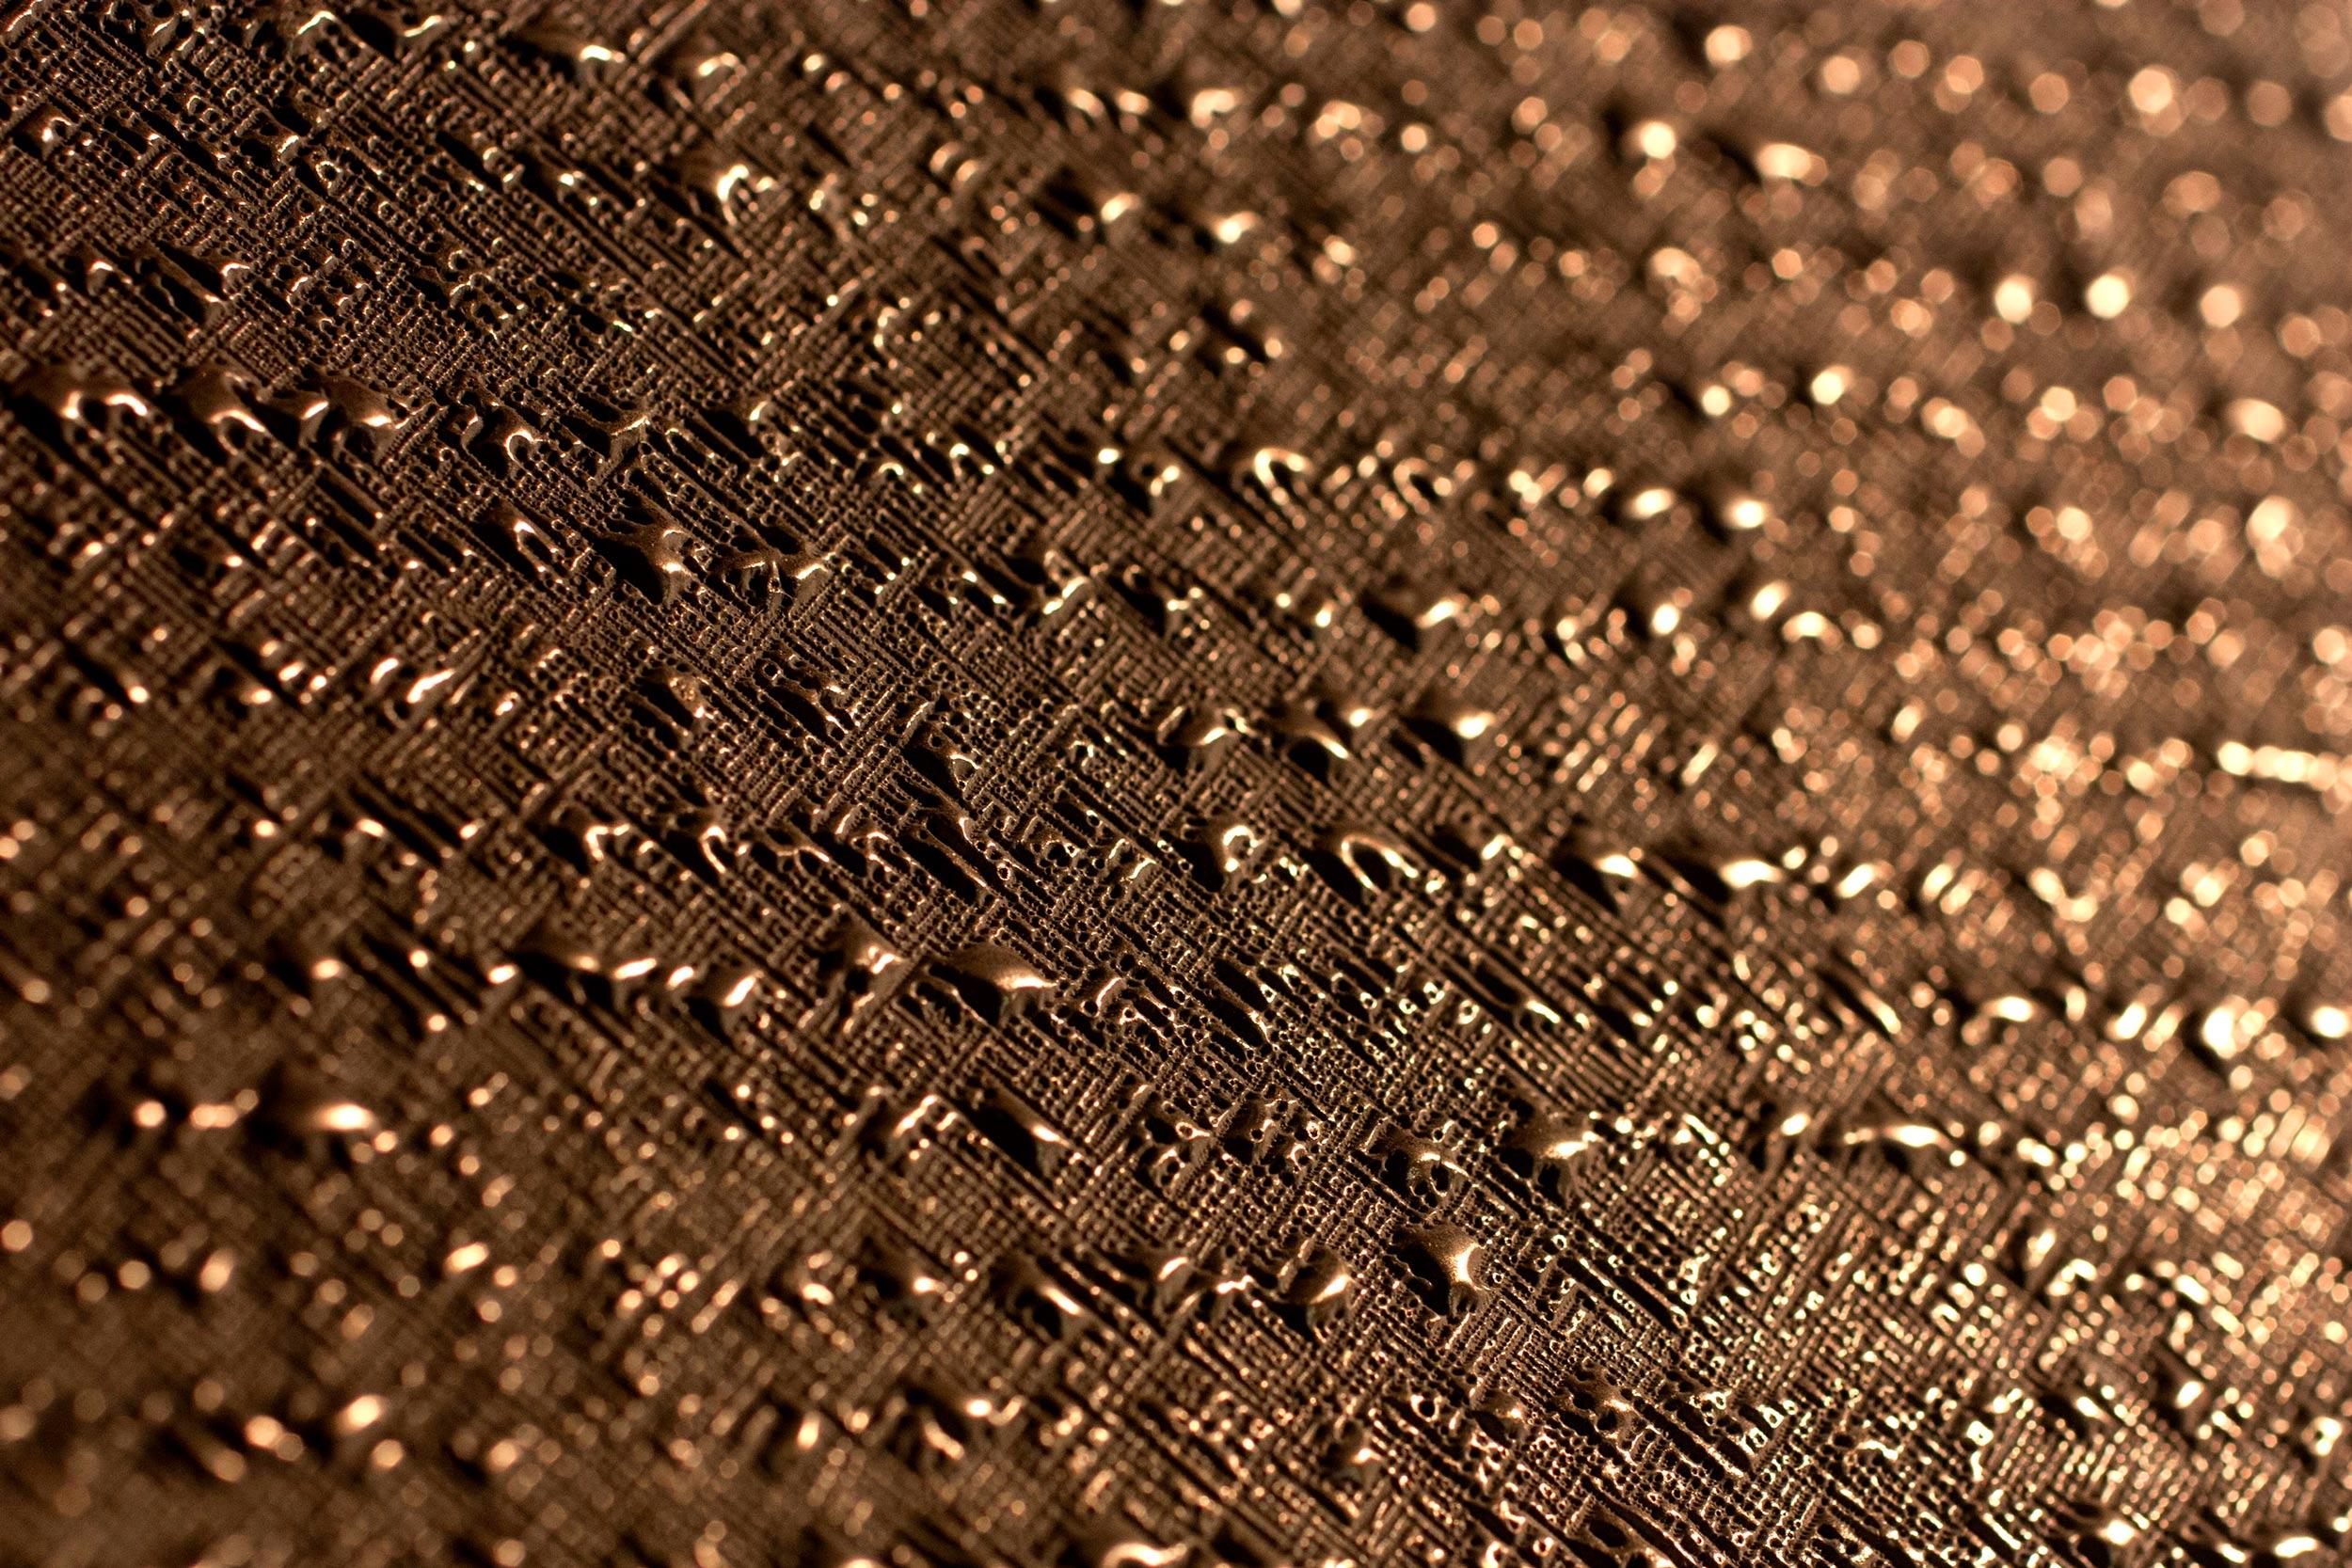 grl_textures_21.jpg